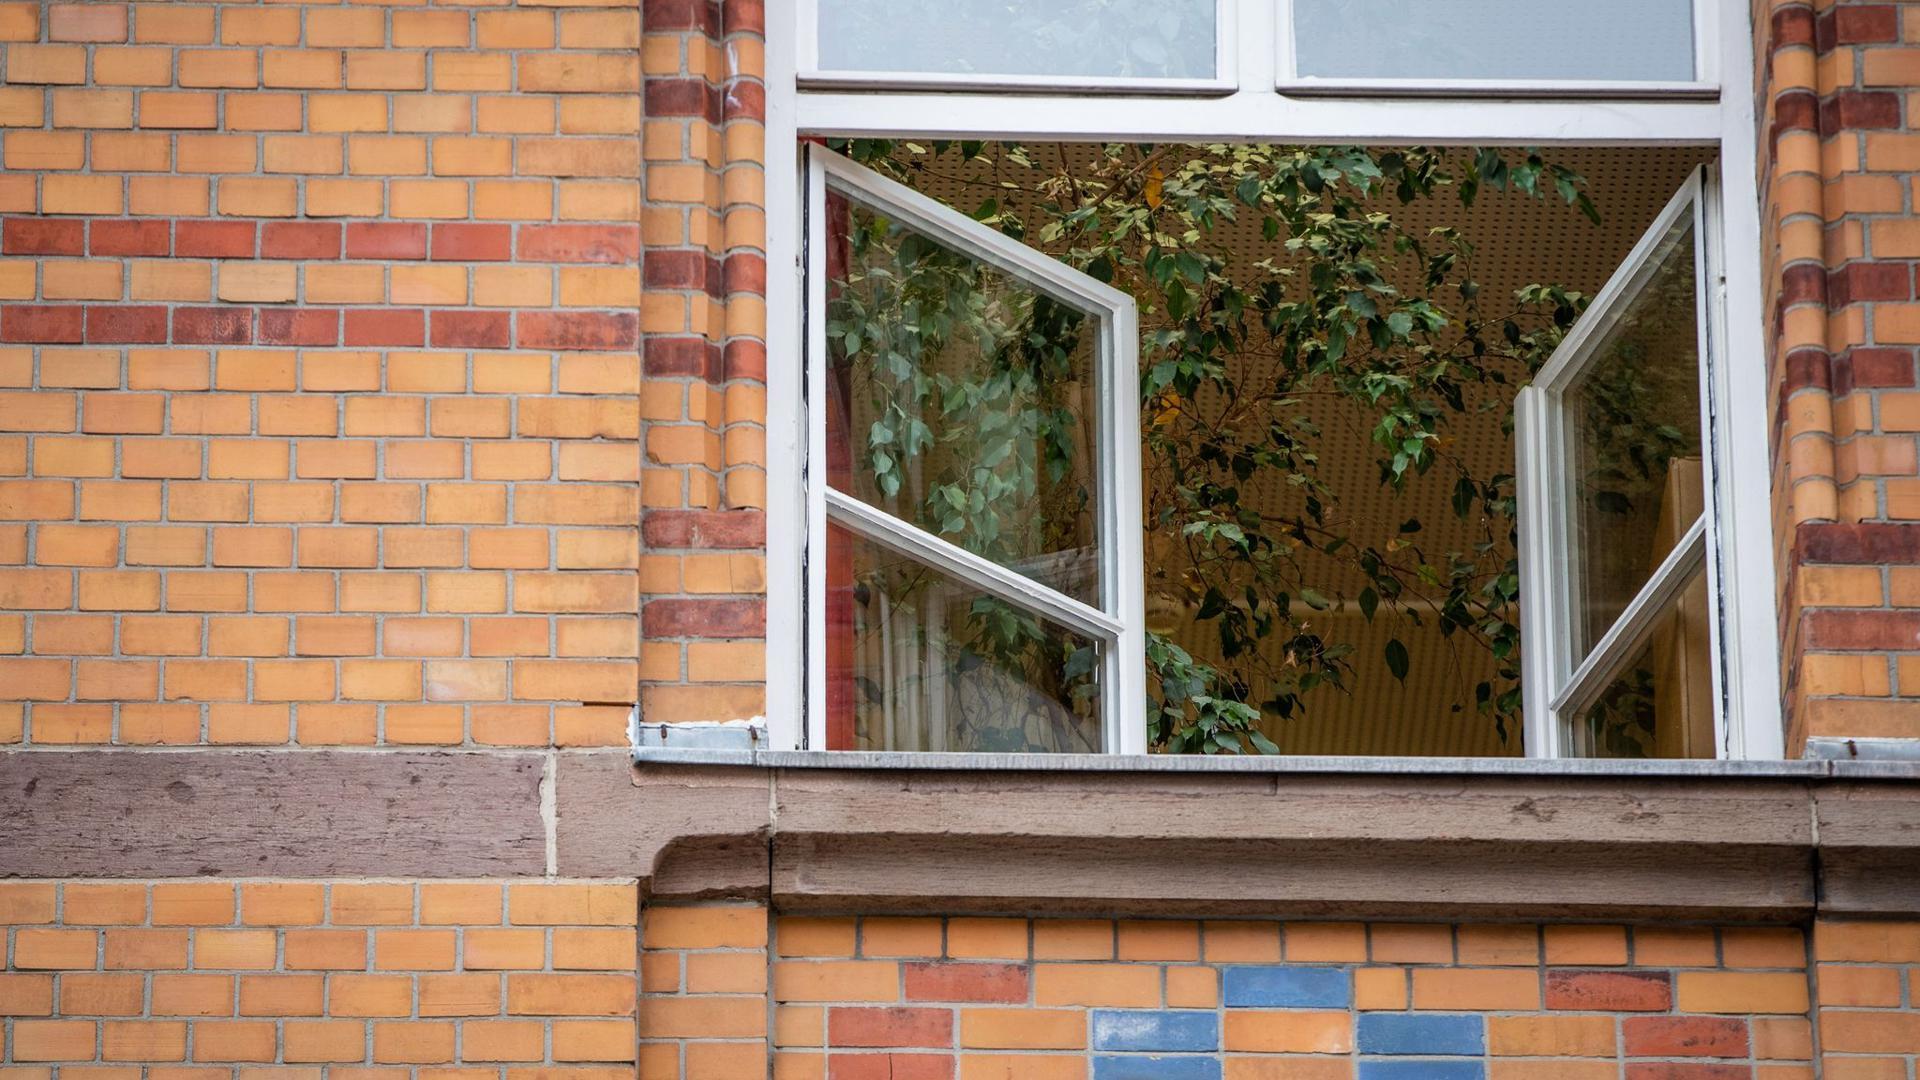 Ein Fenster an einer Grundschule ist zum Lüften geöffnet. Aerosolforscher empfehlen für geschlossene Räume häufiges Stoß- oder Querlüften.